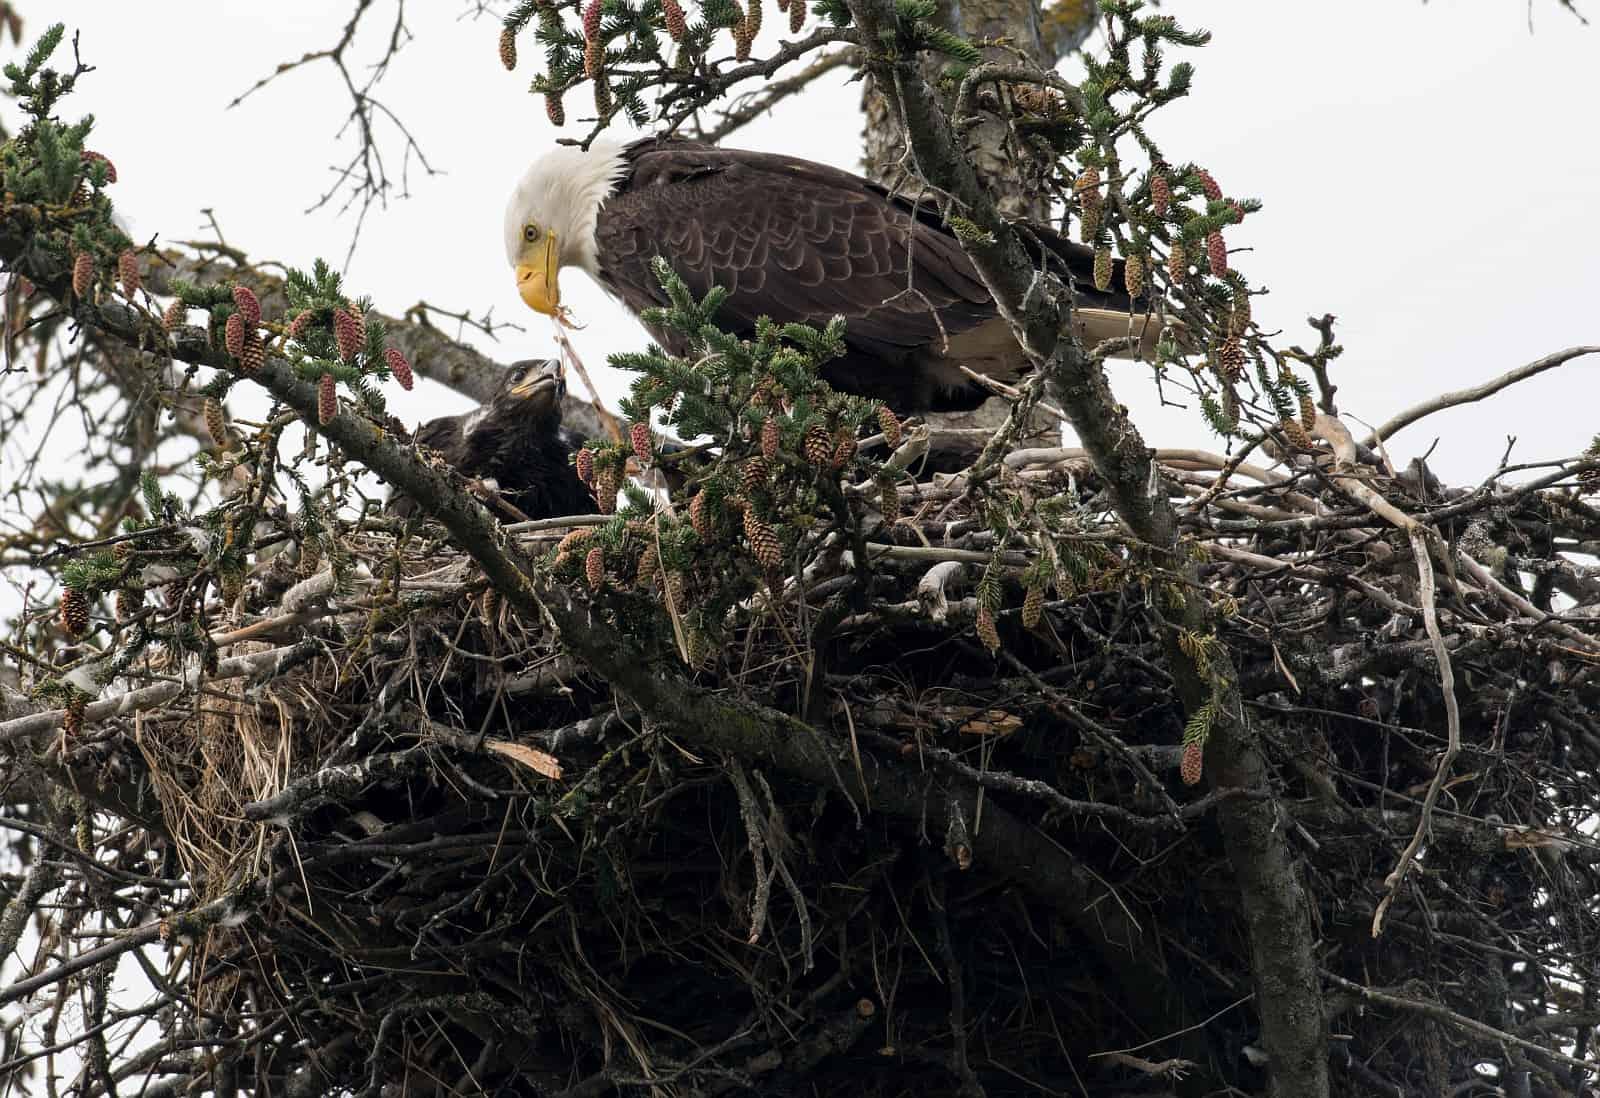 Ein Weißkopfseeadler in seinem riesigen Horst, einen Nestling fütternd.